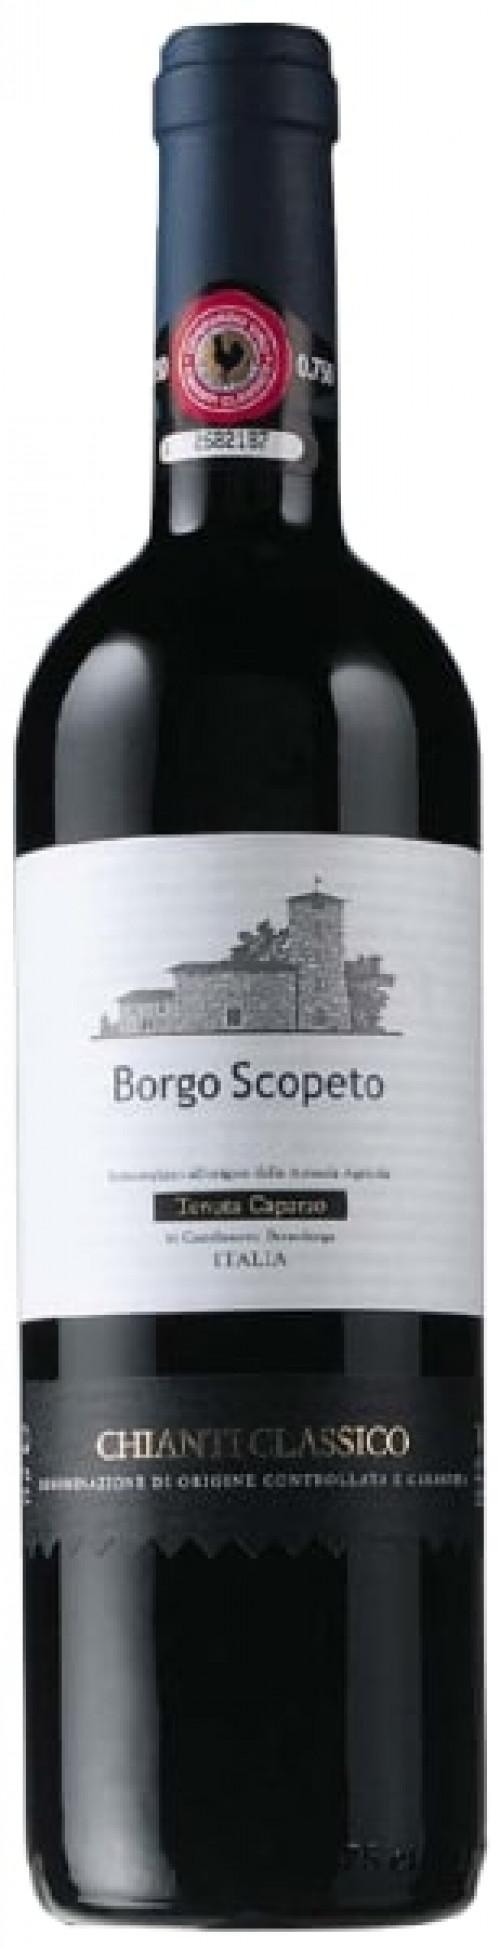 2018 Borgo Scopeto Chianti Classico 750ml